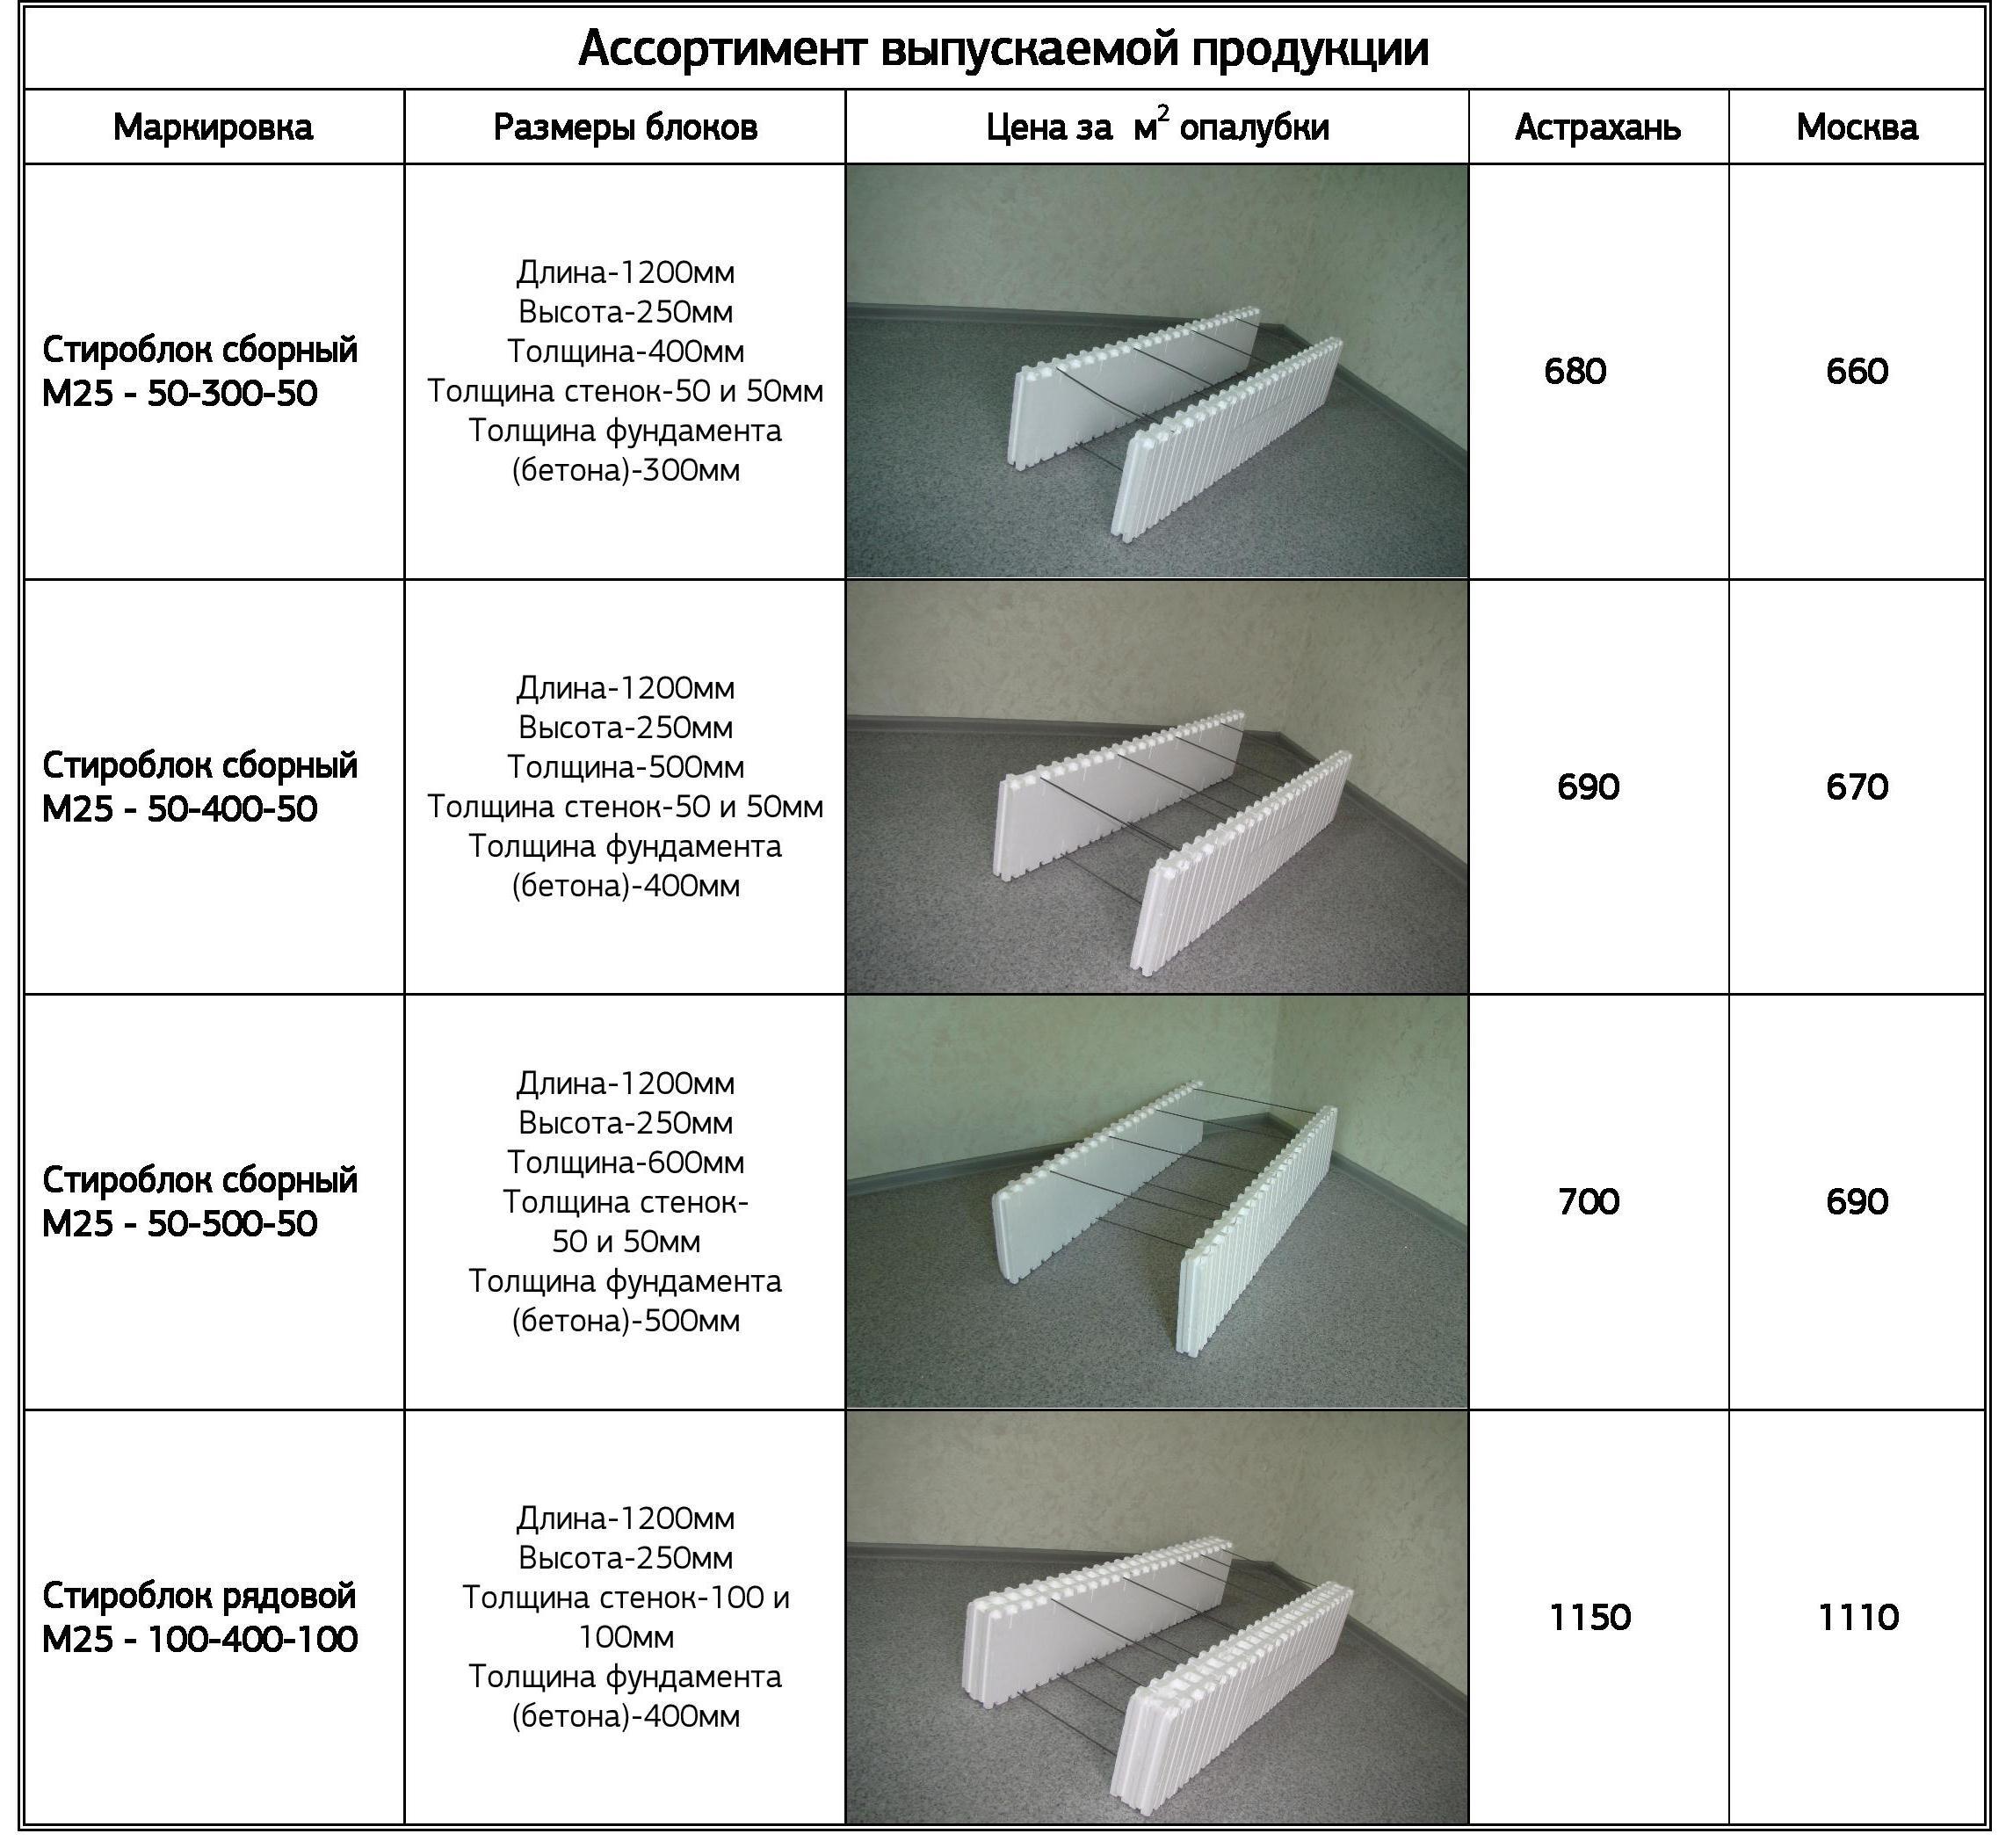 Стоимость стироблока - несъемная опалубка из пенополистирола